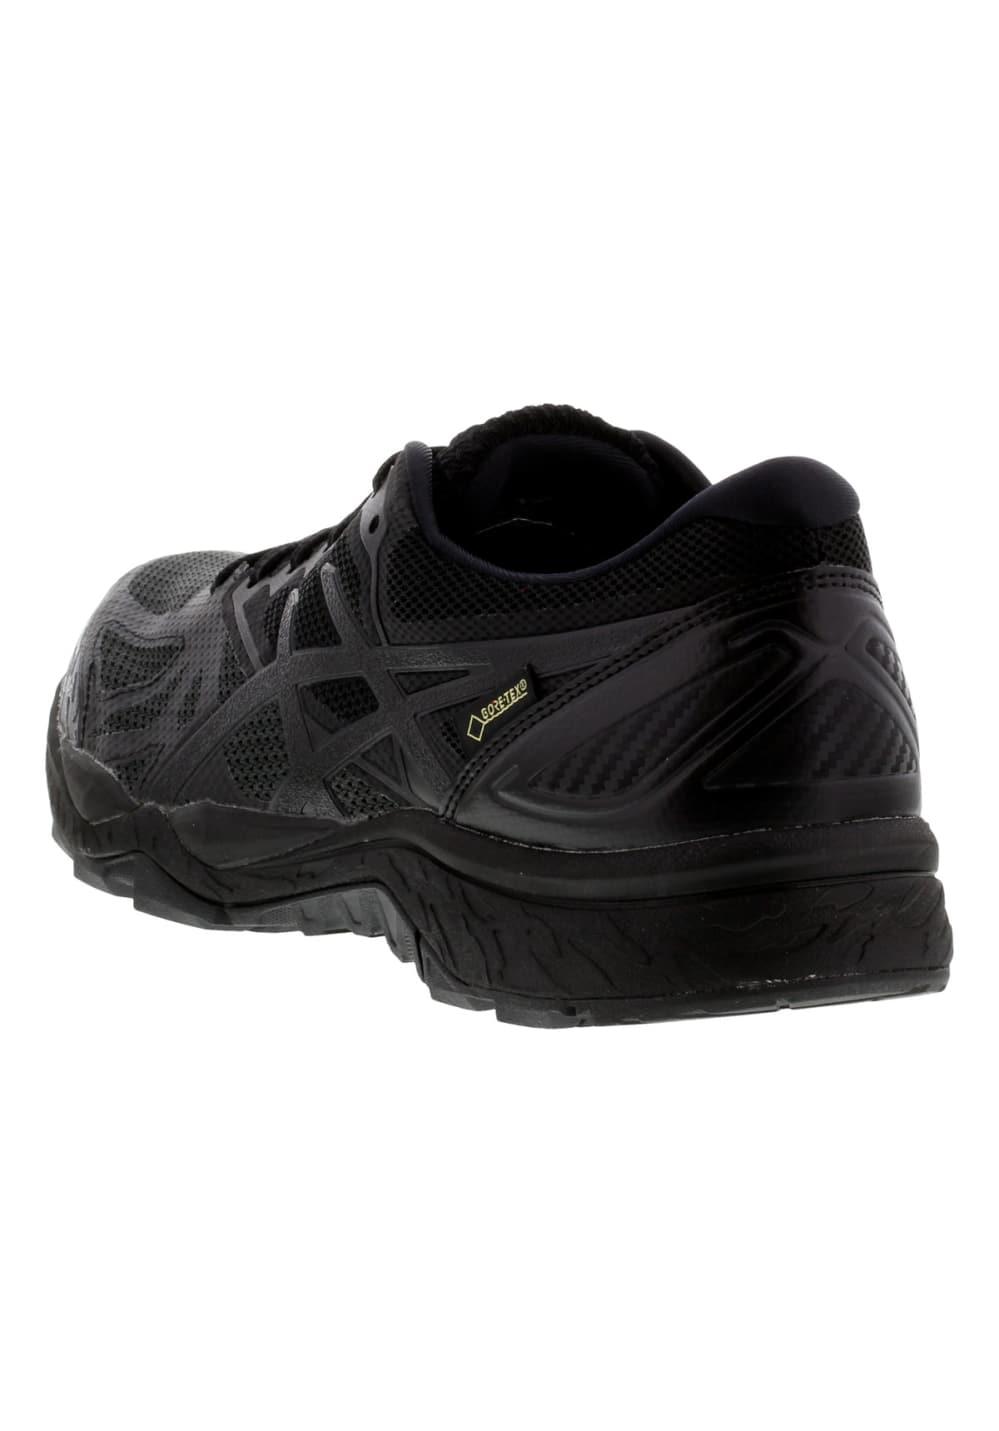 0d684413e ASICS GEL-Fujitrabuco 6 G-TX - Running shoes for Women - Black